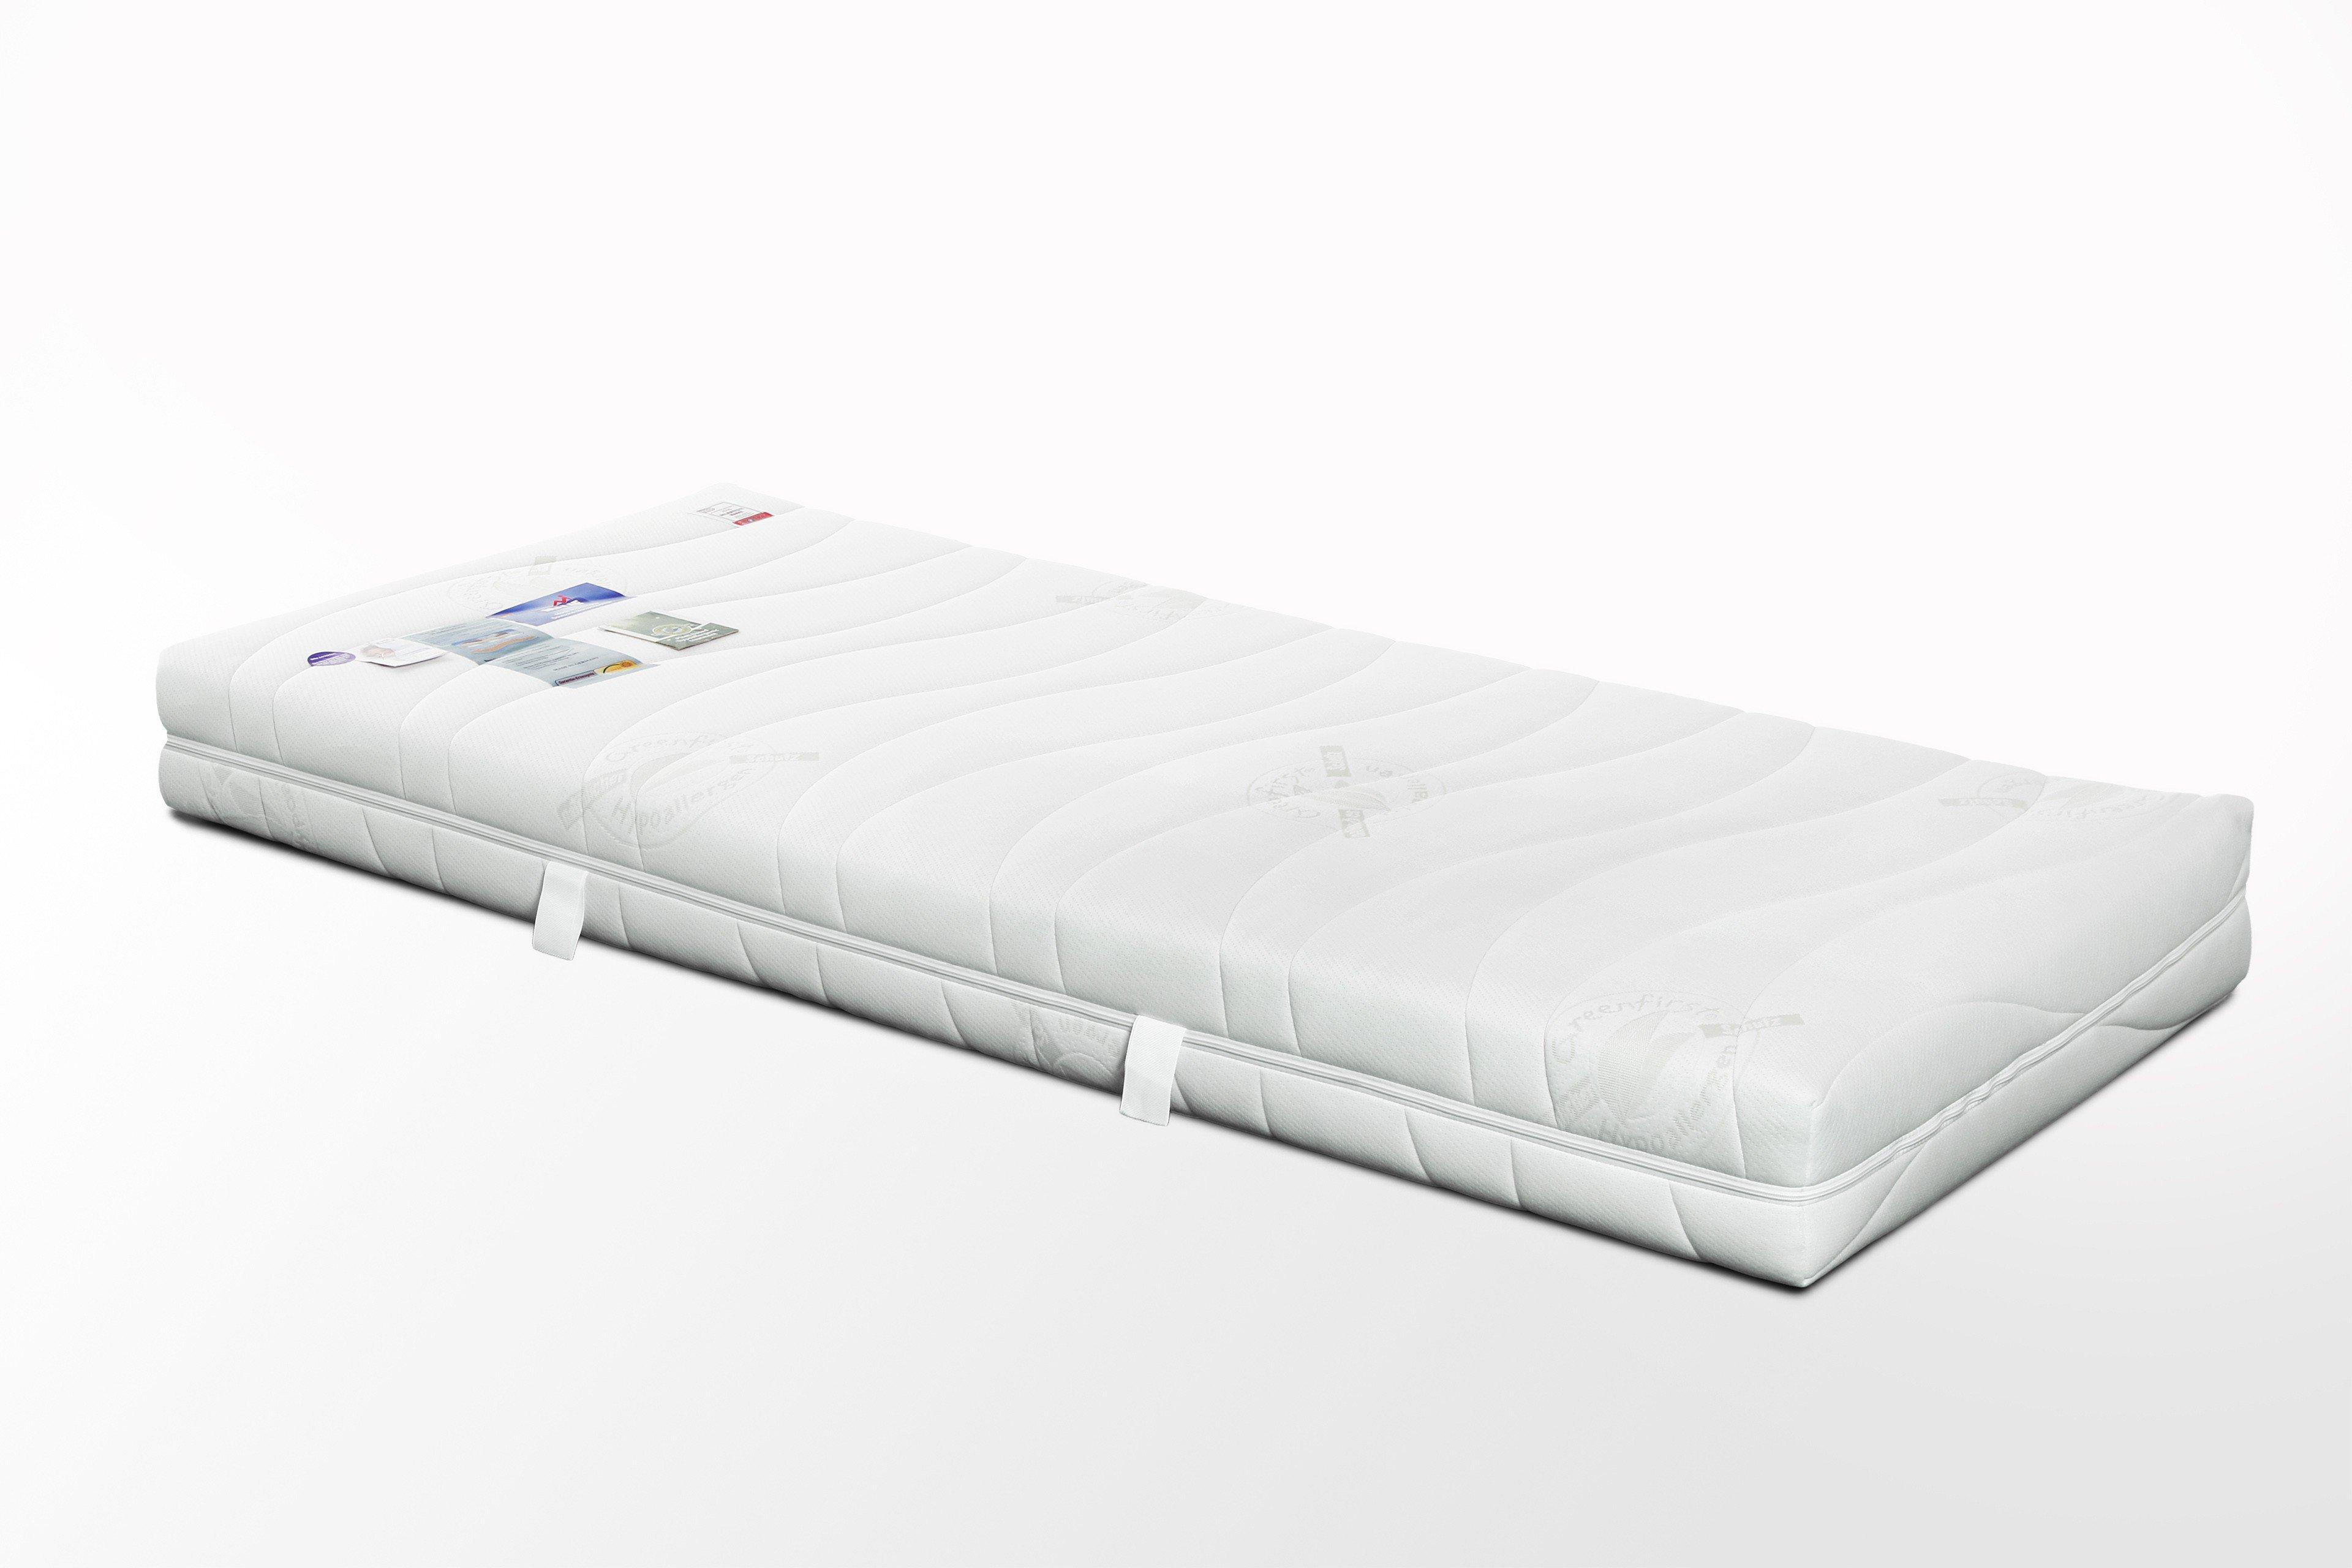 kollektion letz kaltschaum matratze h2 h3 m bel letz ihr online shop. Black Bedroom Furniture Sets. Home Design Ideas